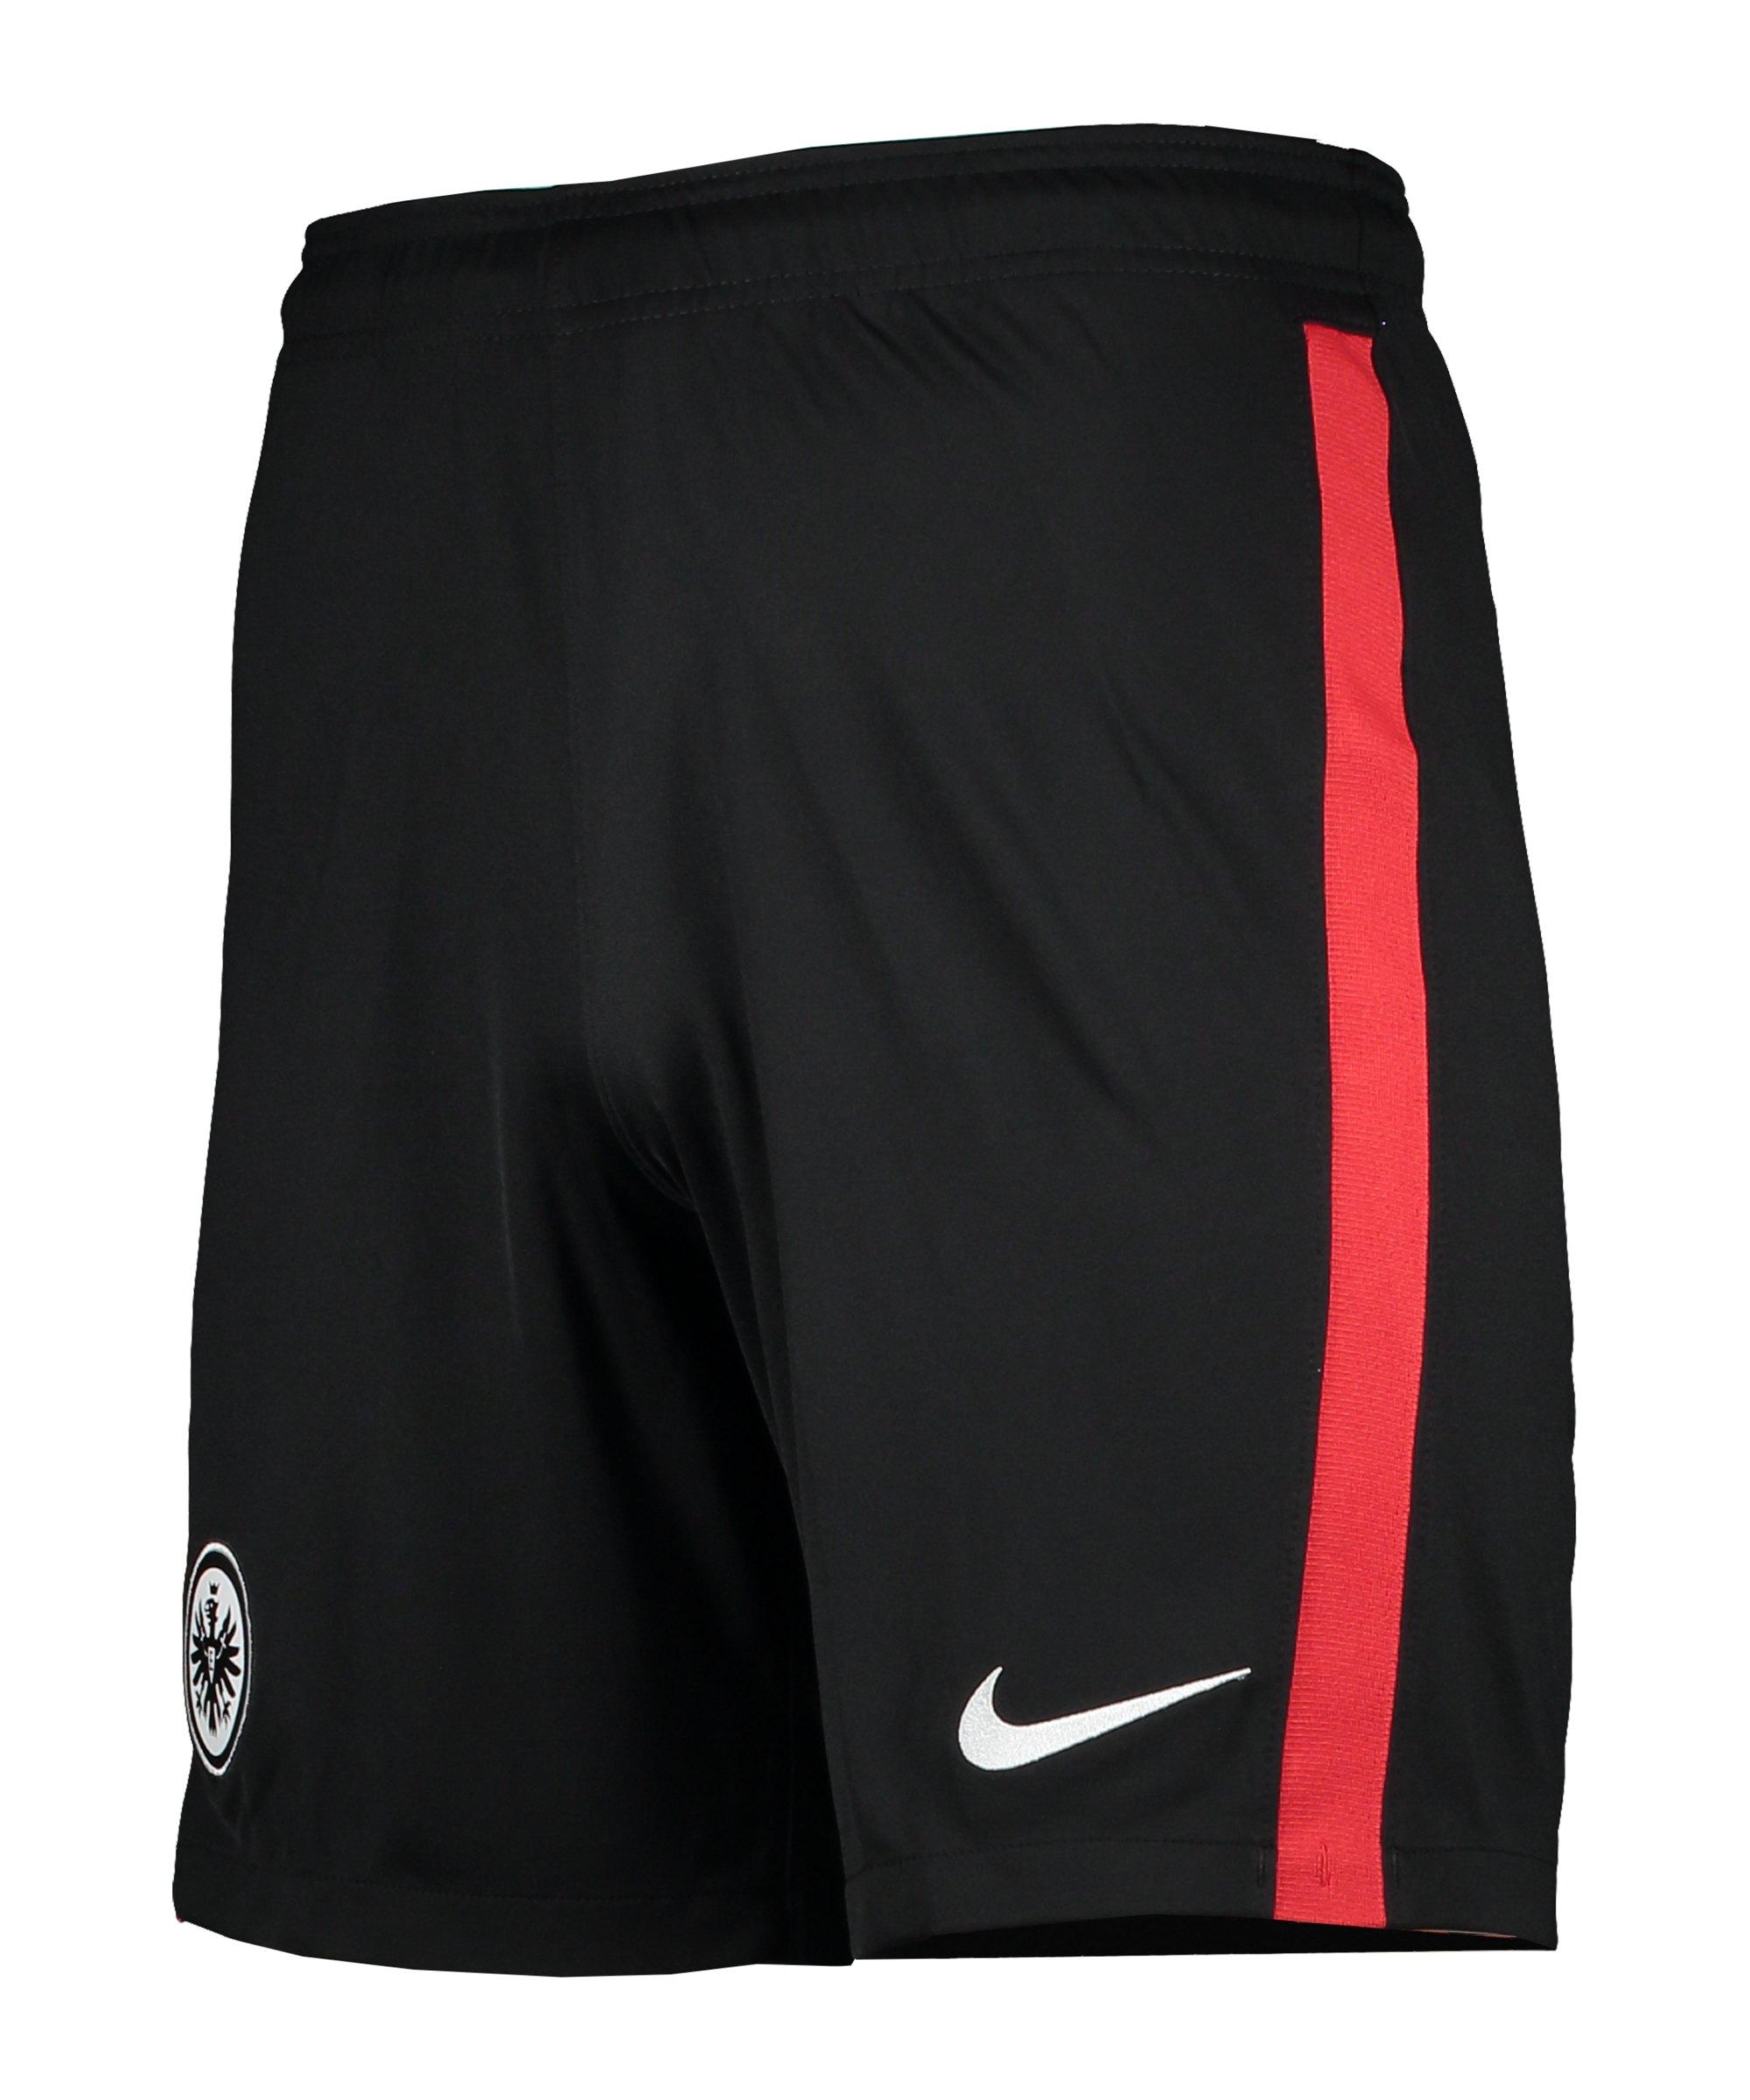 Nike Eintracht Frankfurt Short Home 2020/2021 Schwarz F010 - schwarz